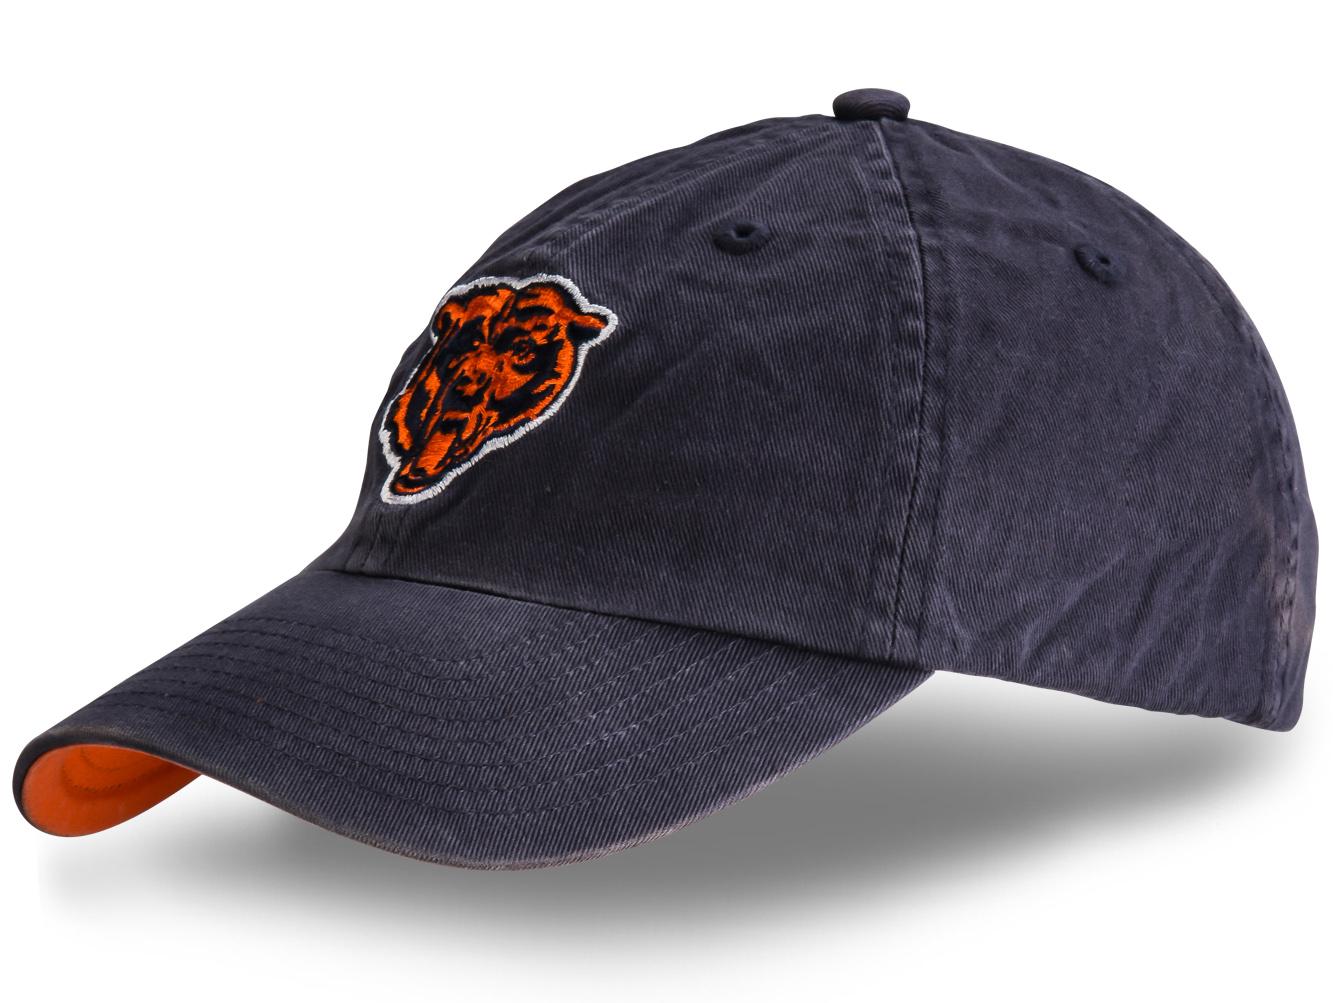 Бейсболка с тигром - купить в интернет-магазине с доставкой